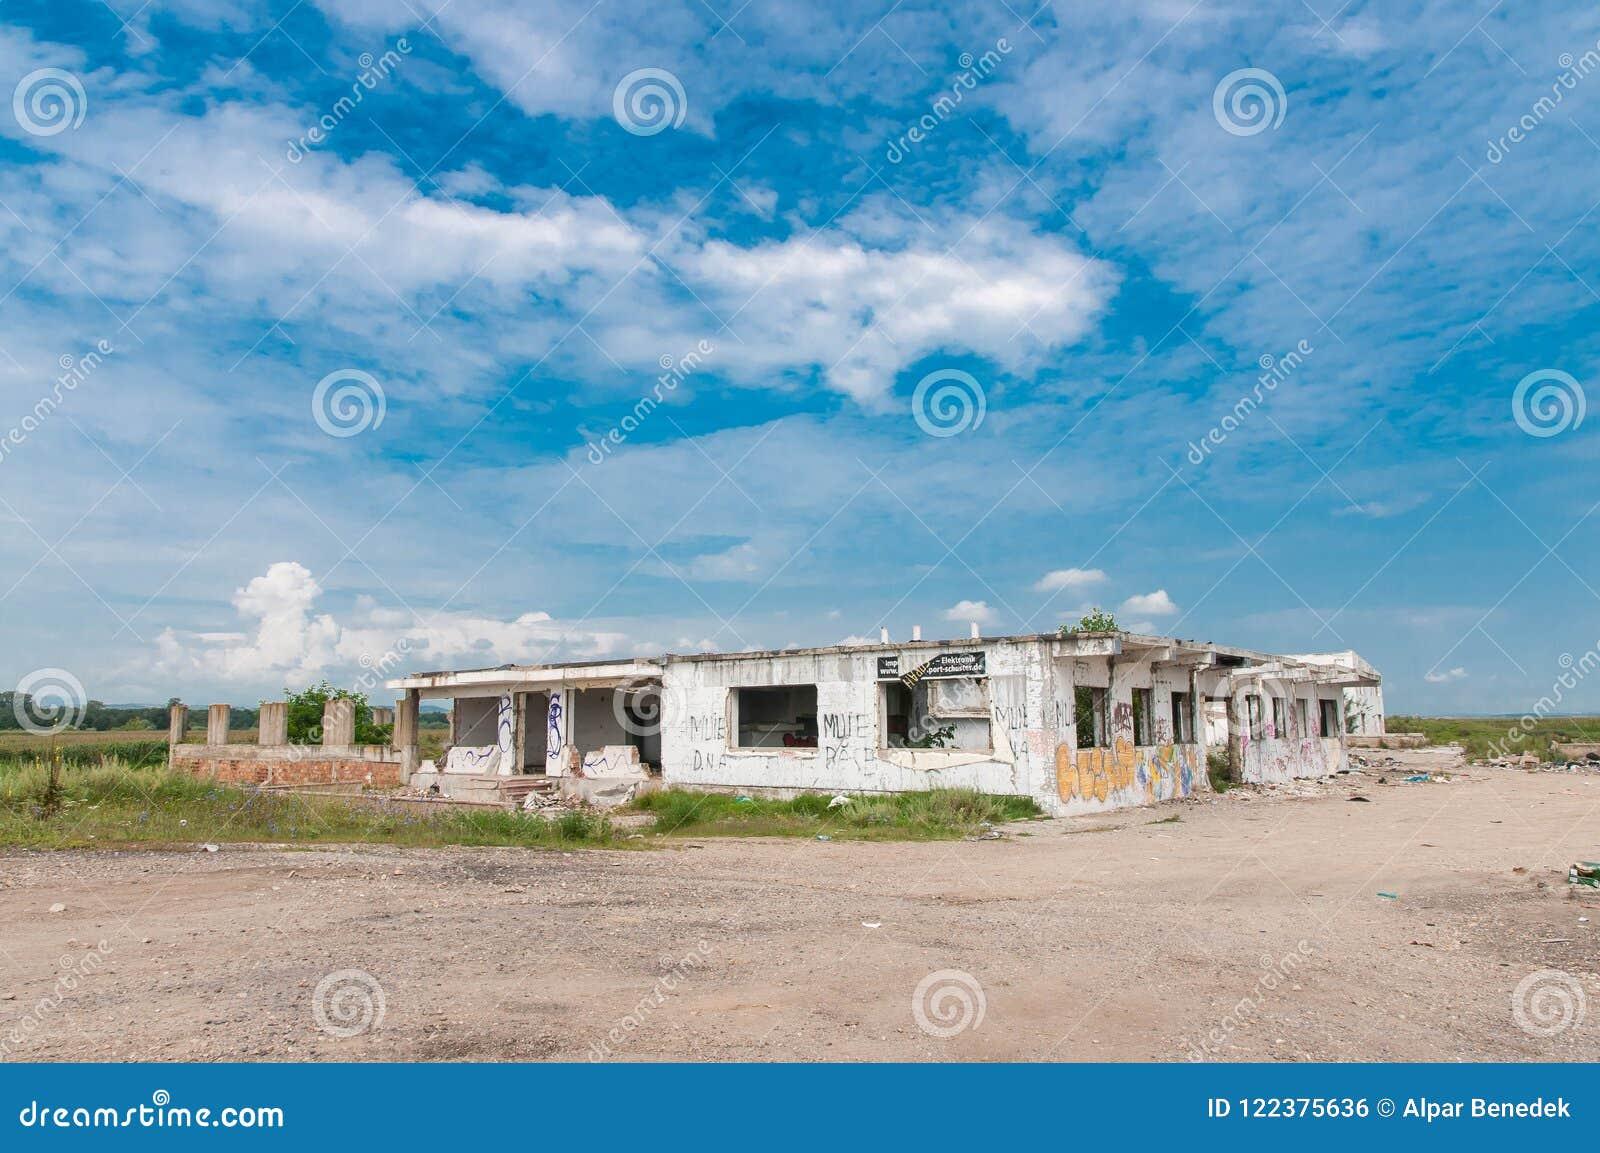 Prédio de escritórios abandonado com o céu azul bonito, anti slogan do governo nas paredes